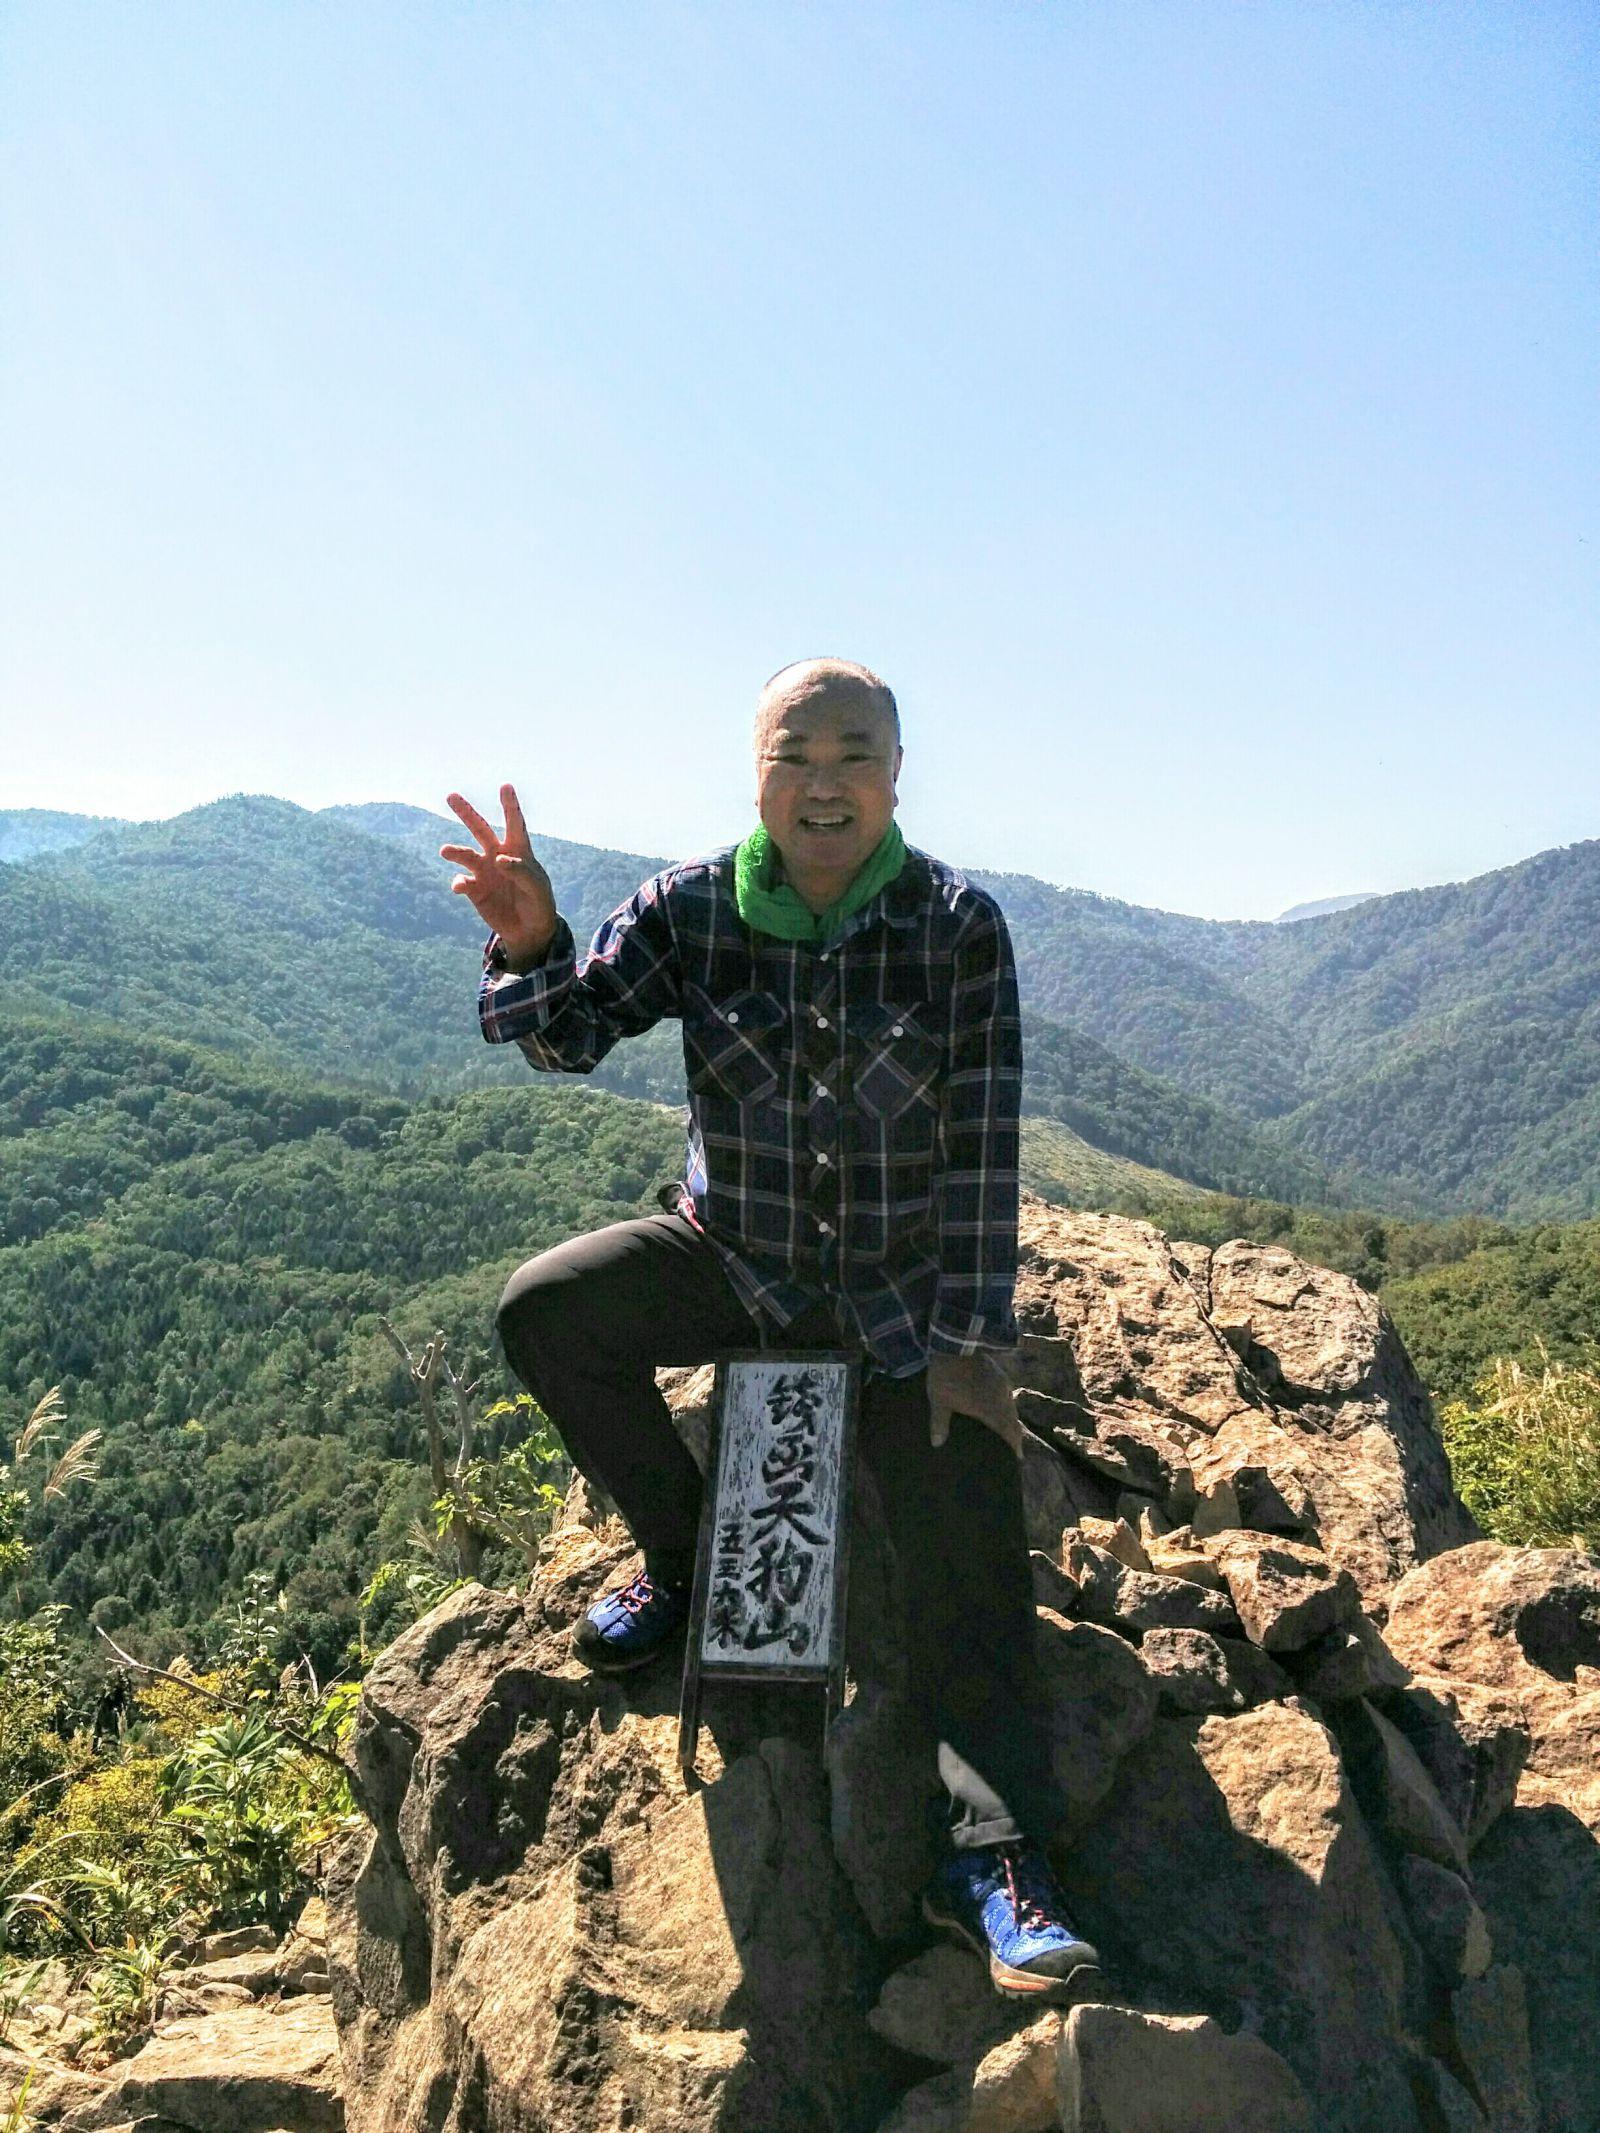 【小樽観光ジャンボタクシー】銭函天狗山登山です。